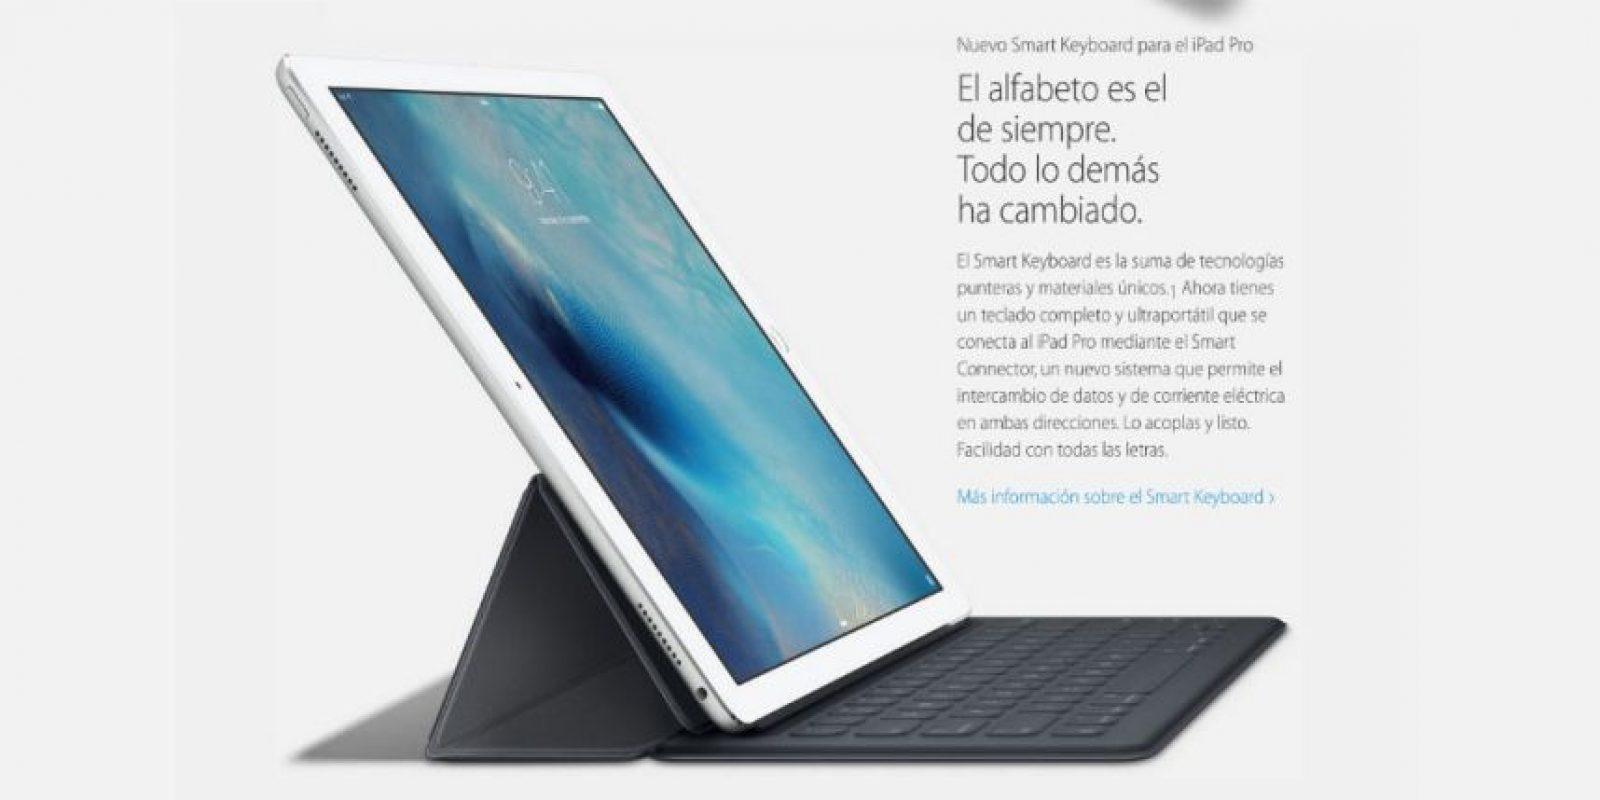 """La web """"Hipertextual"""" definió así el nuevo iPad: """"La mejor forma de describir el primer contacto con el iPad Pro es como si tomaras en tus manos la pantalla de un MacBook Air, sin el teclado"""" Foto:Apple"""